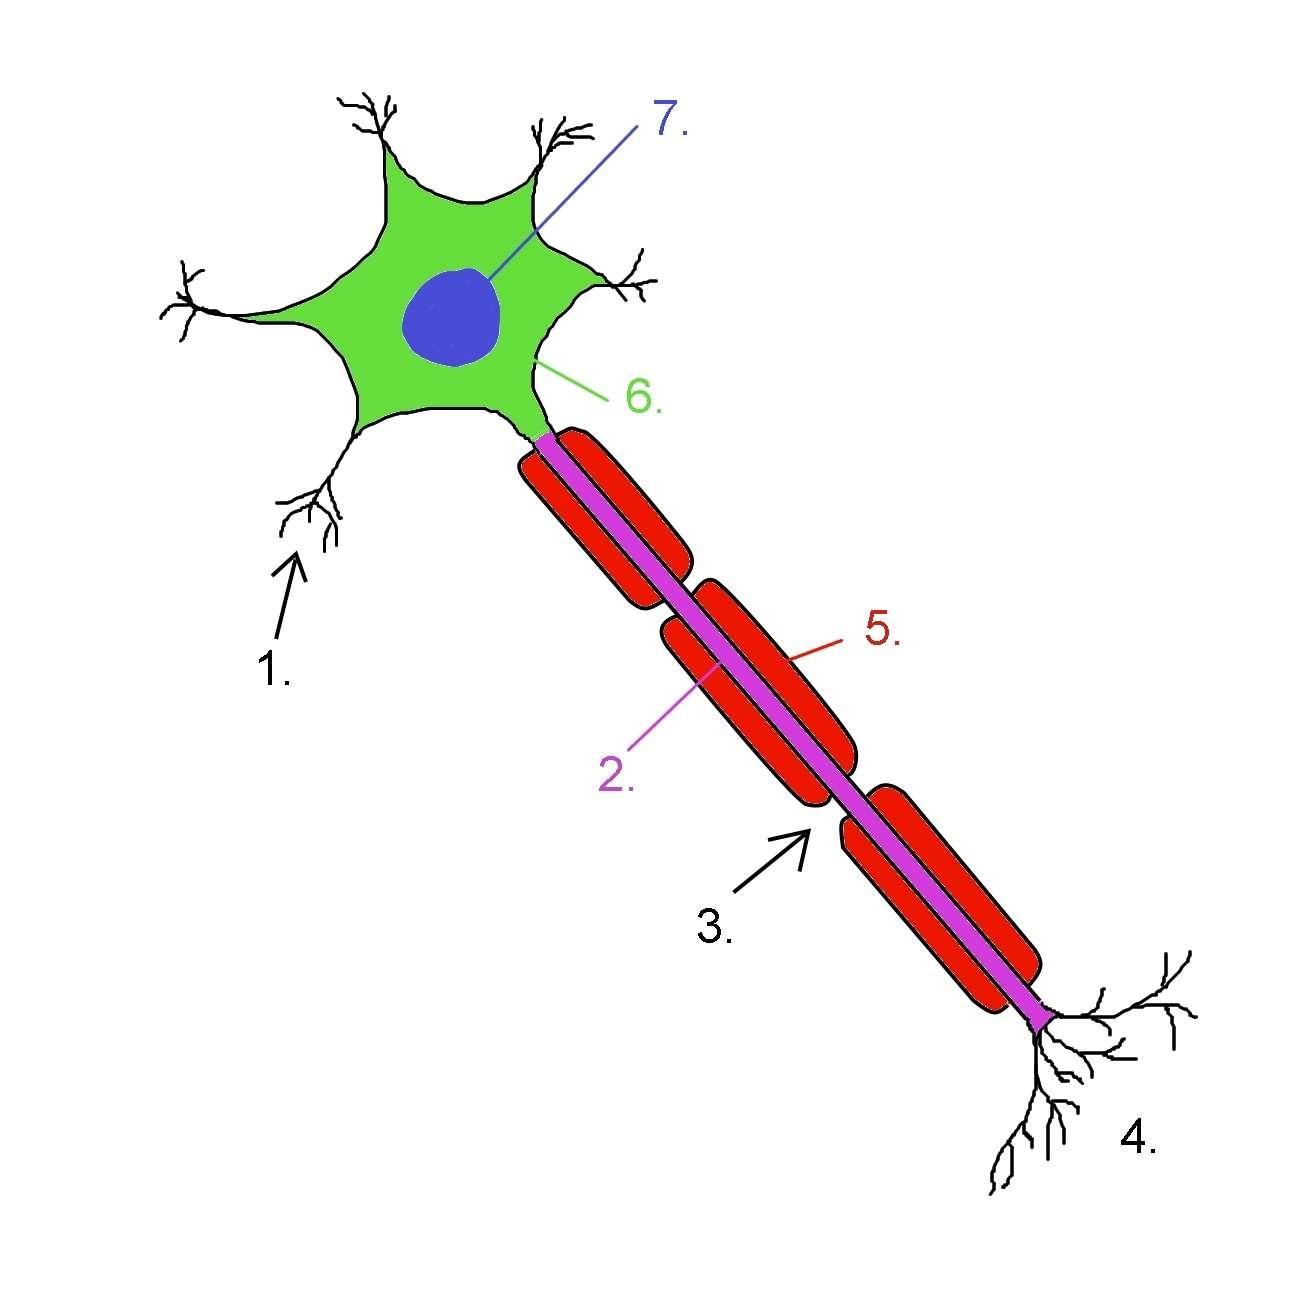 Schéma d'un neurone comprenant dendrite (1), axone (2), nœud de Ranvier (3), extrémité de l'axone (4), myéline (5), corps cellulaire (6) et noyau (7). Grâce à la myéline et aux nœuds de Ranvier, la vitesse de progression de l'influx nerveux dans l'axone est maximisée. © NickGorton, Wikimedia Commons, cc by sa 3.0